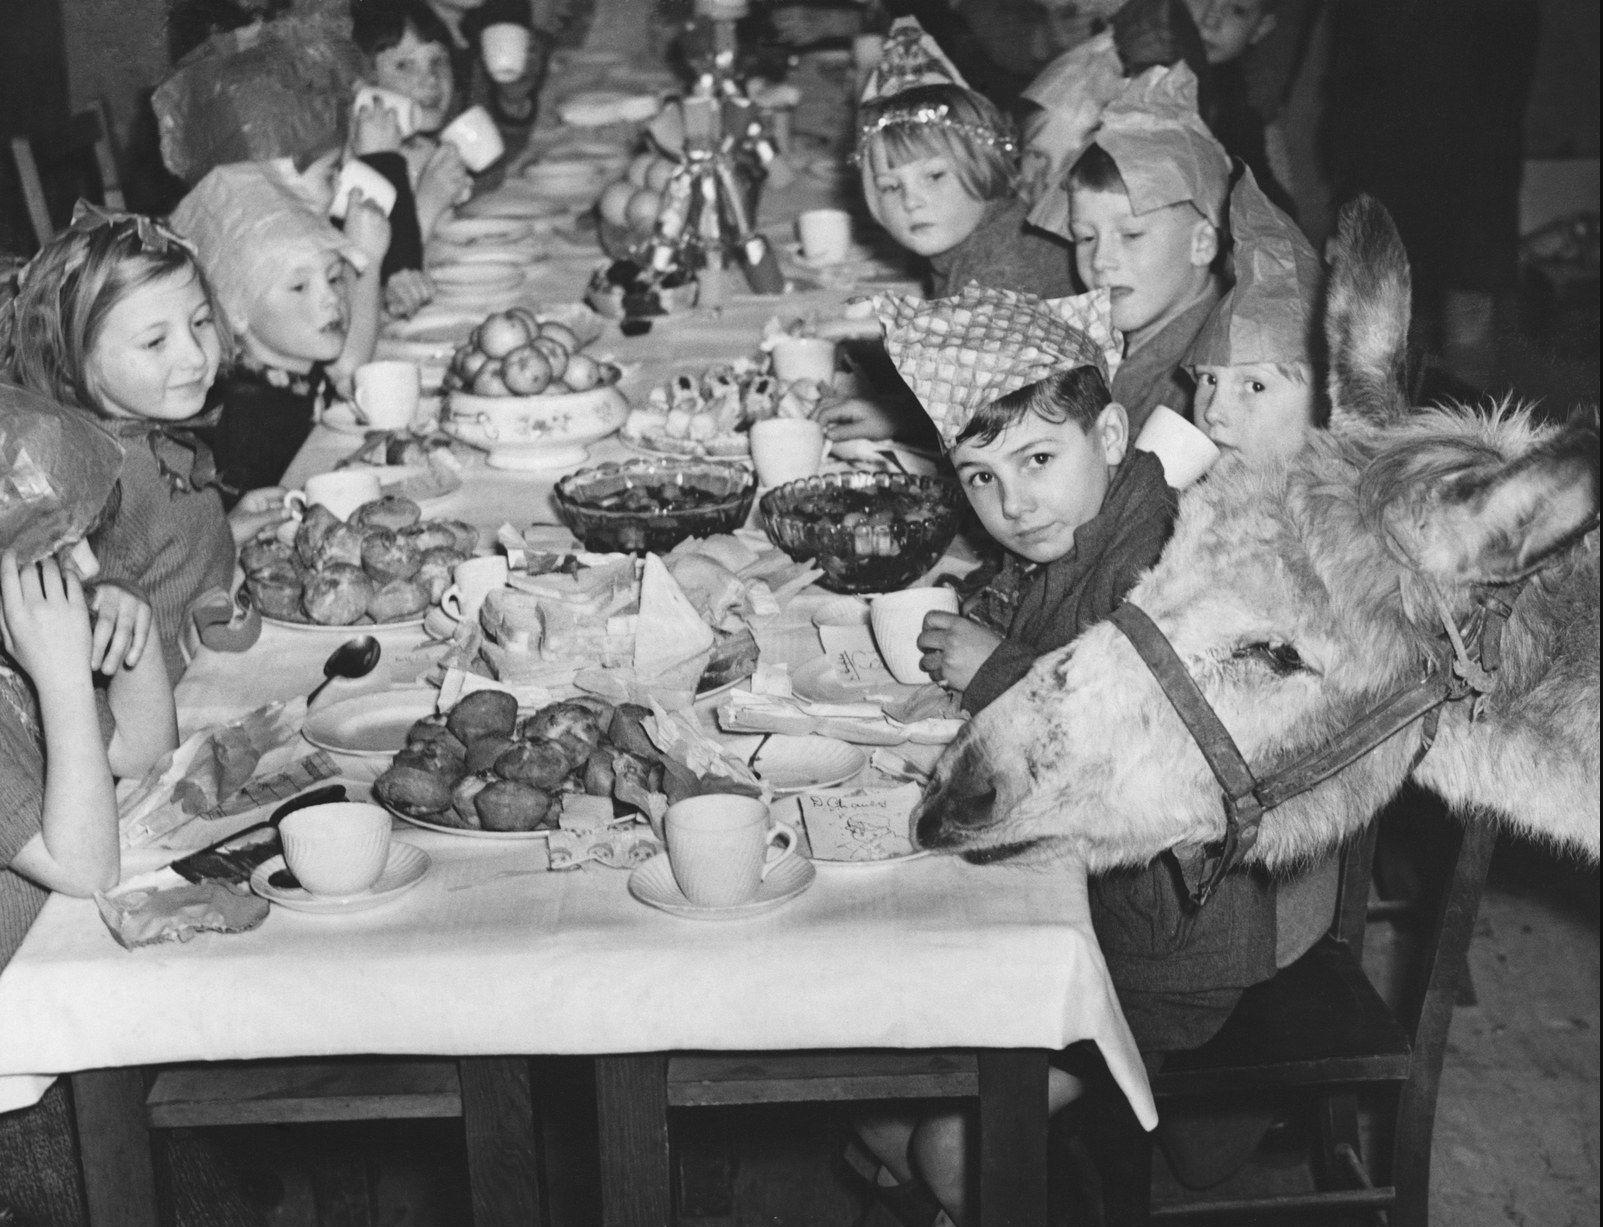 1940. Осел по имени Джако разбивает новогоднюю вечеринку, которую проводят дети, эвакуированные из Лондона в январе 1940.jpg